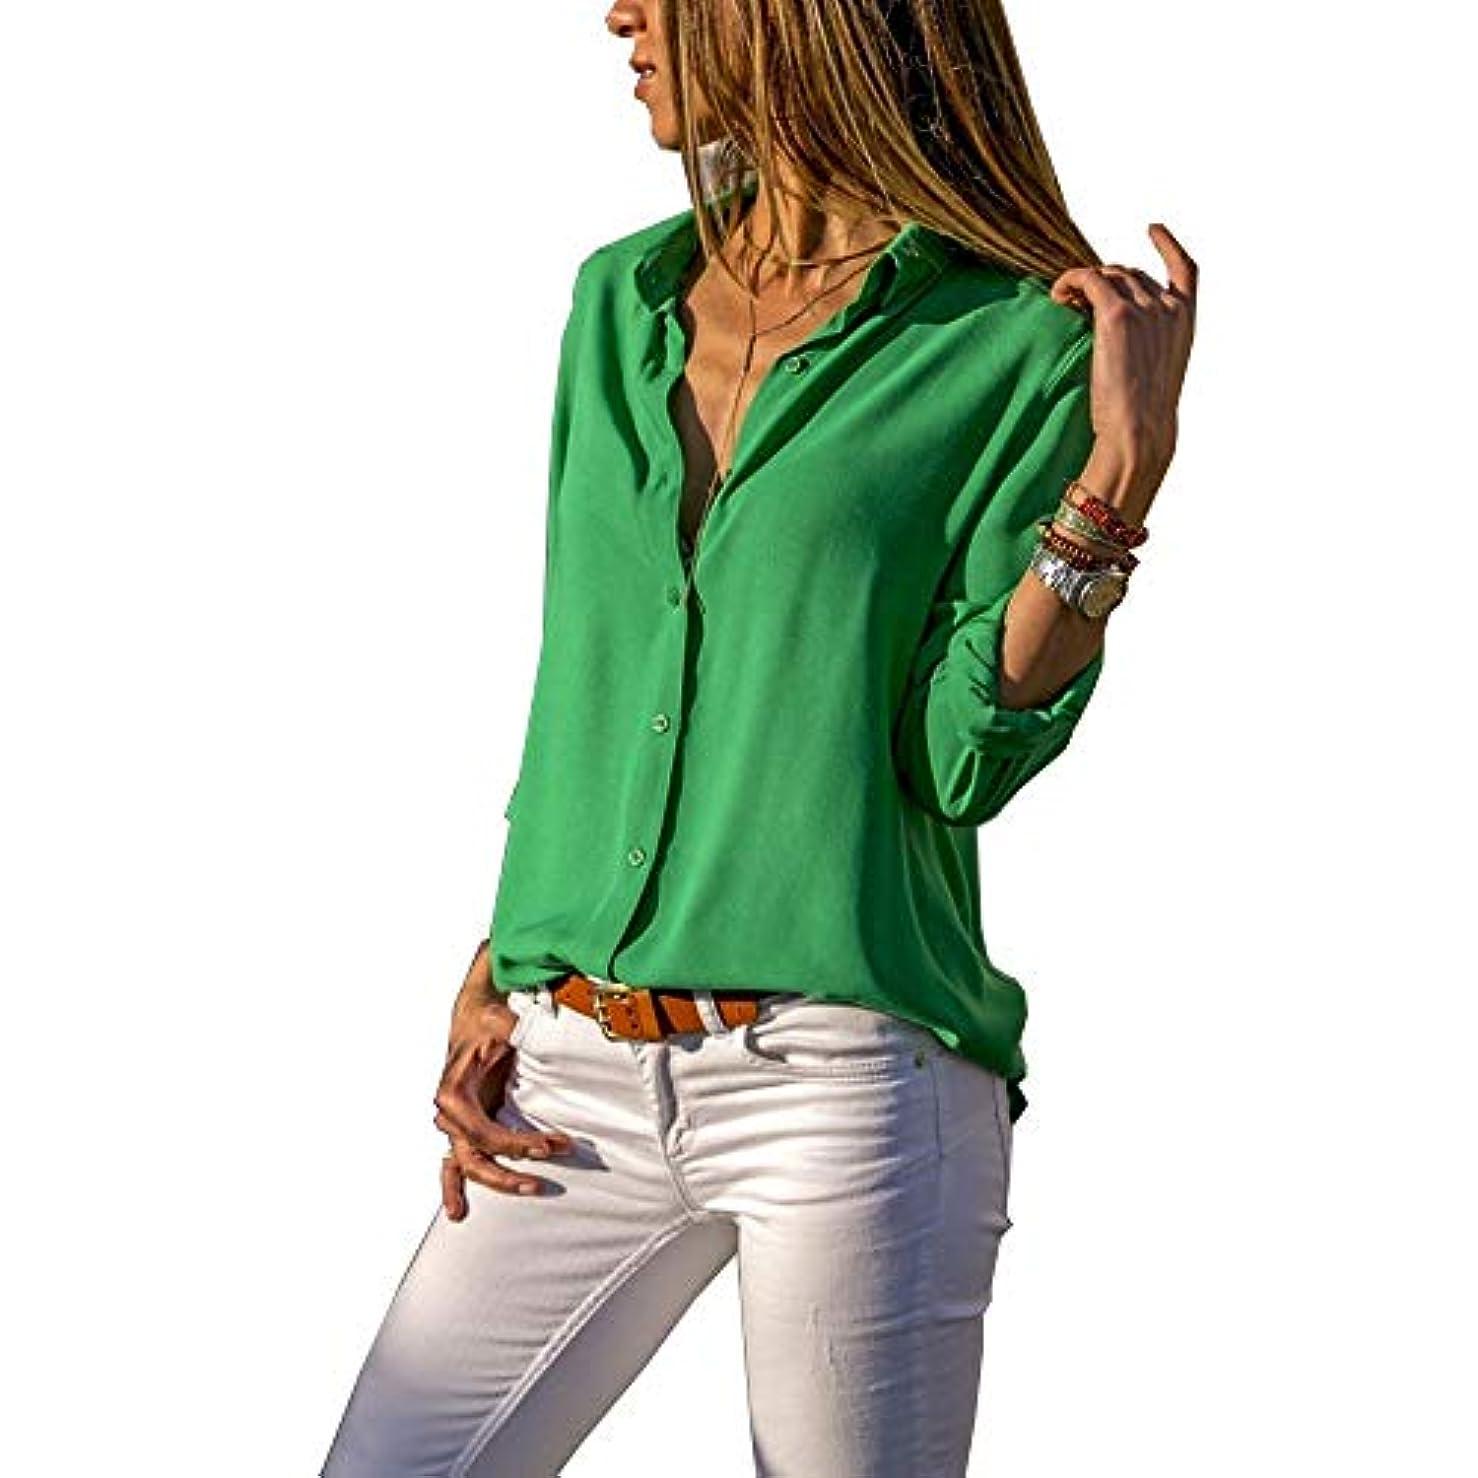 ポゴスティックジャンプ歪める民族主義MIFAN ルーズシャツ、トップス&Tシャツ、プラスサイズ、トップス&ブラウス、シフォンブラウス、女性トップス、シフォンシャツ